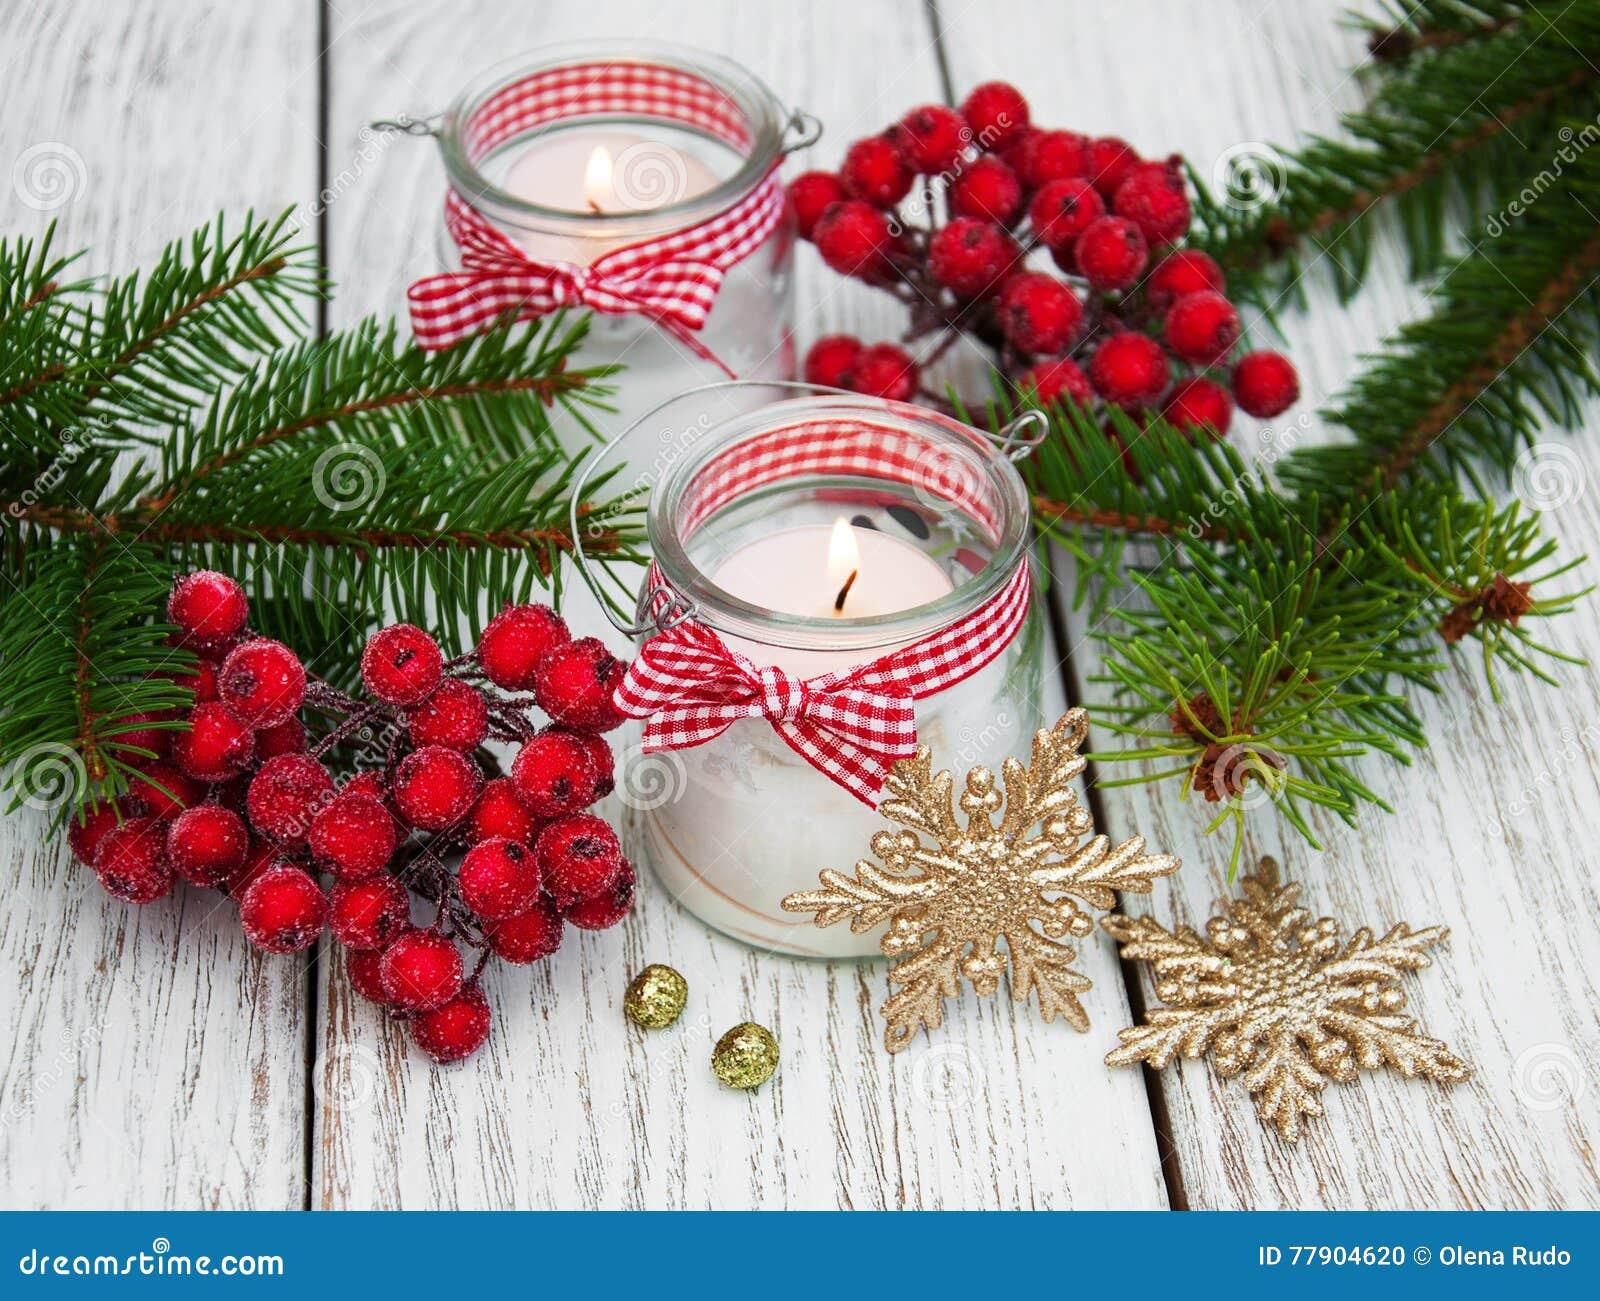 Candele delle decorazioni di natale in barattoli di vetro - Decorazioni con candele ...